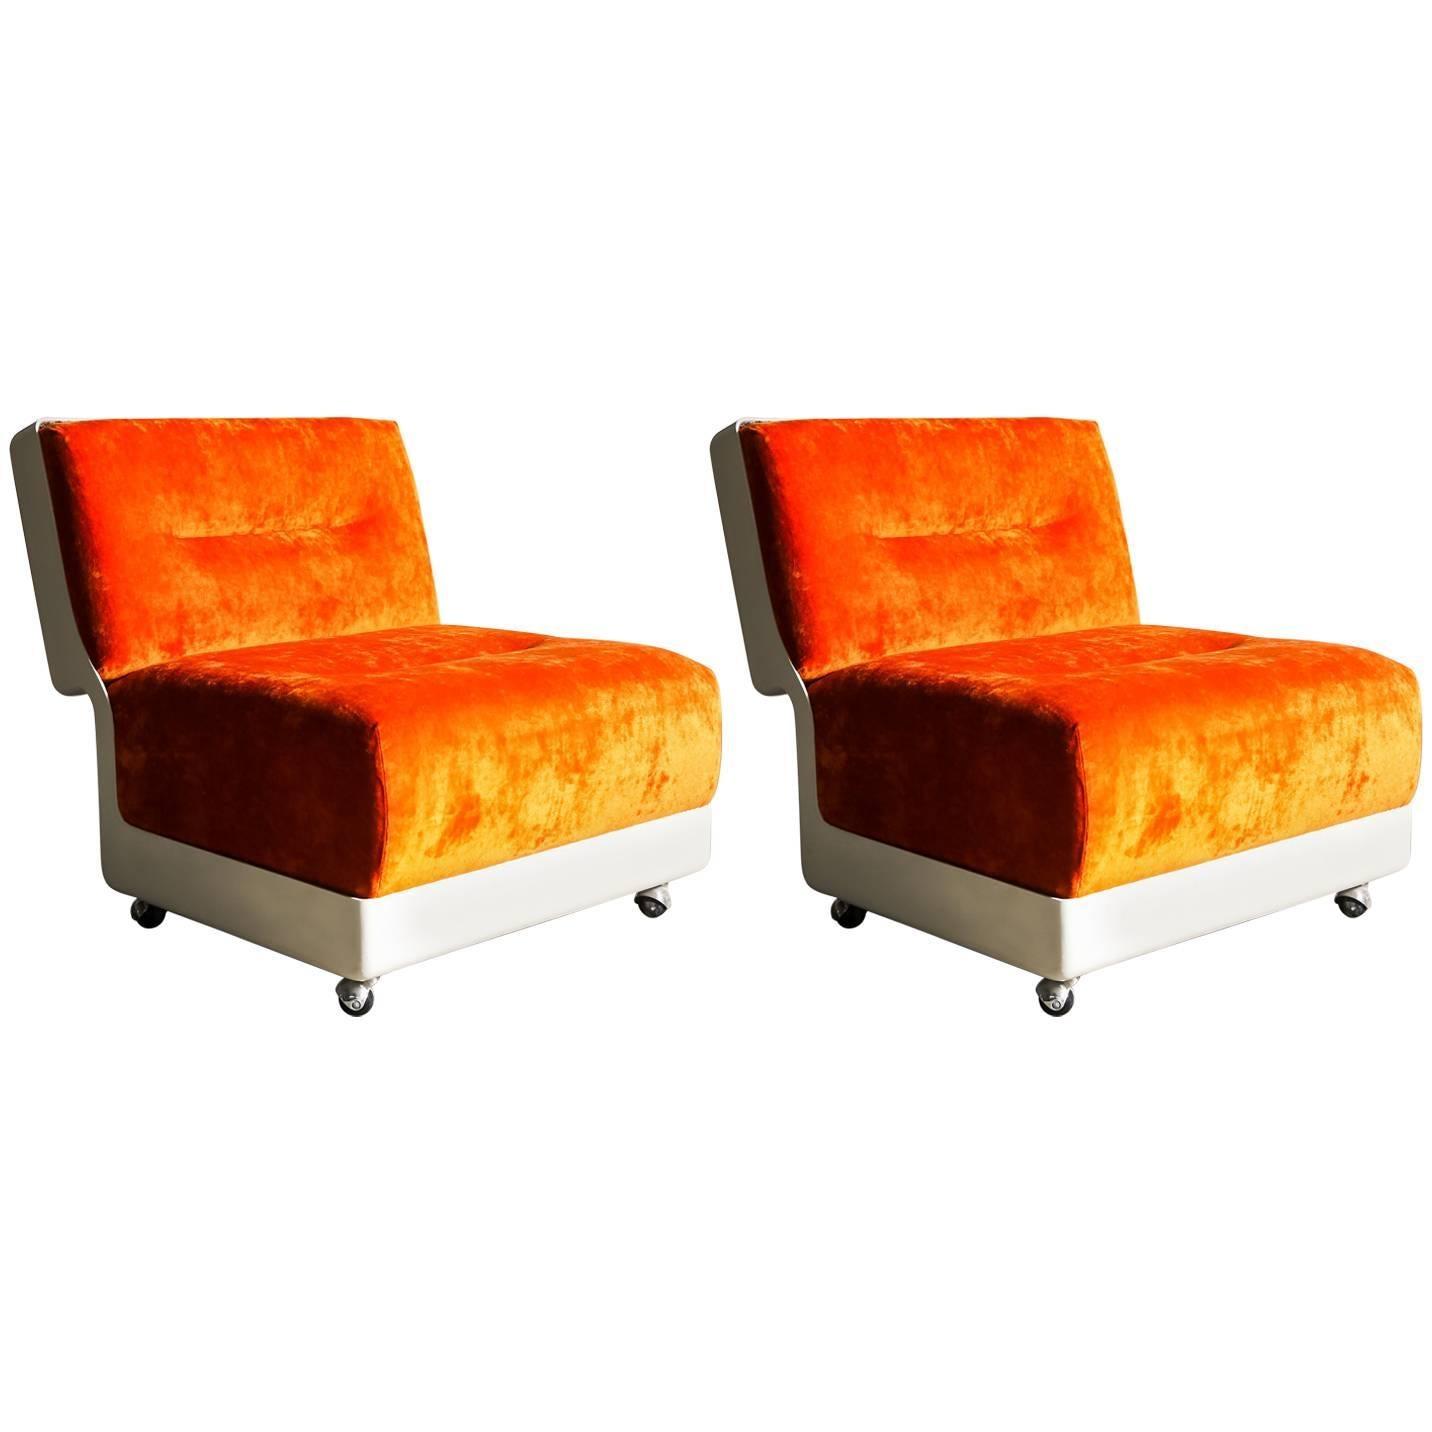 """Orange """"Superpellicano"""" Lounge Chairs by Vittorio Introini for Saporiti 1968"""